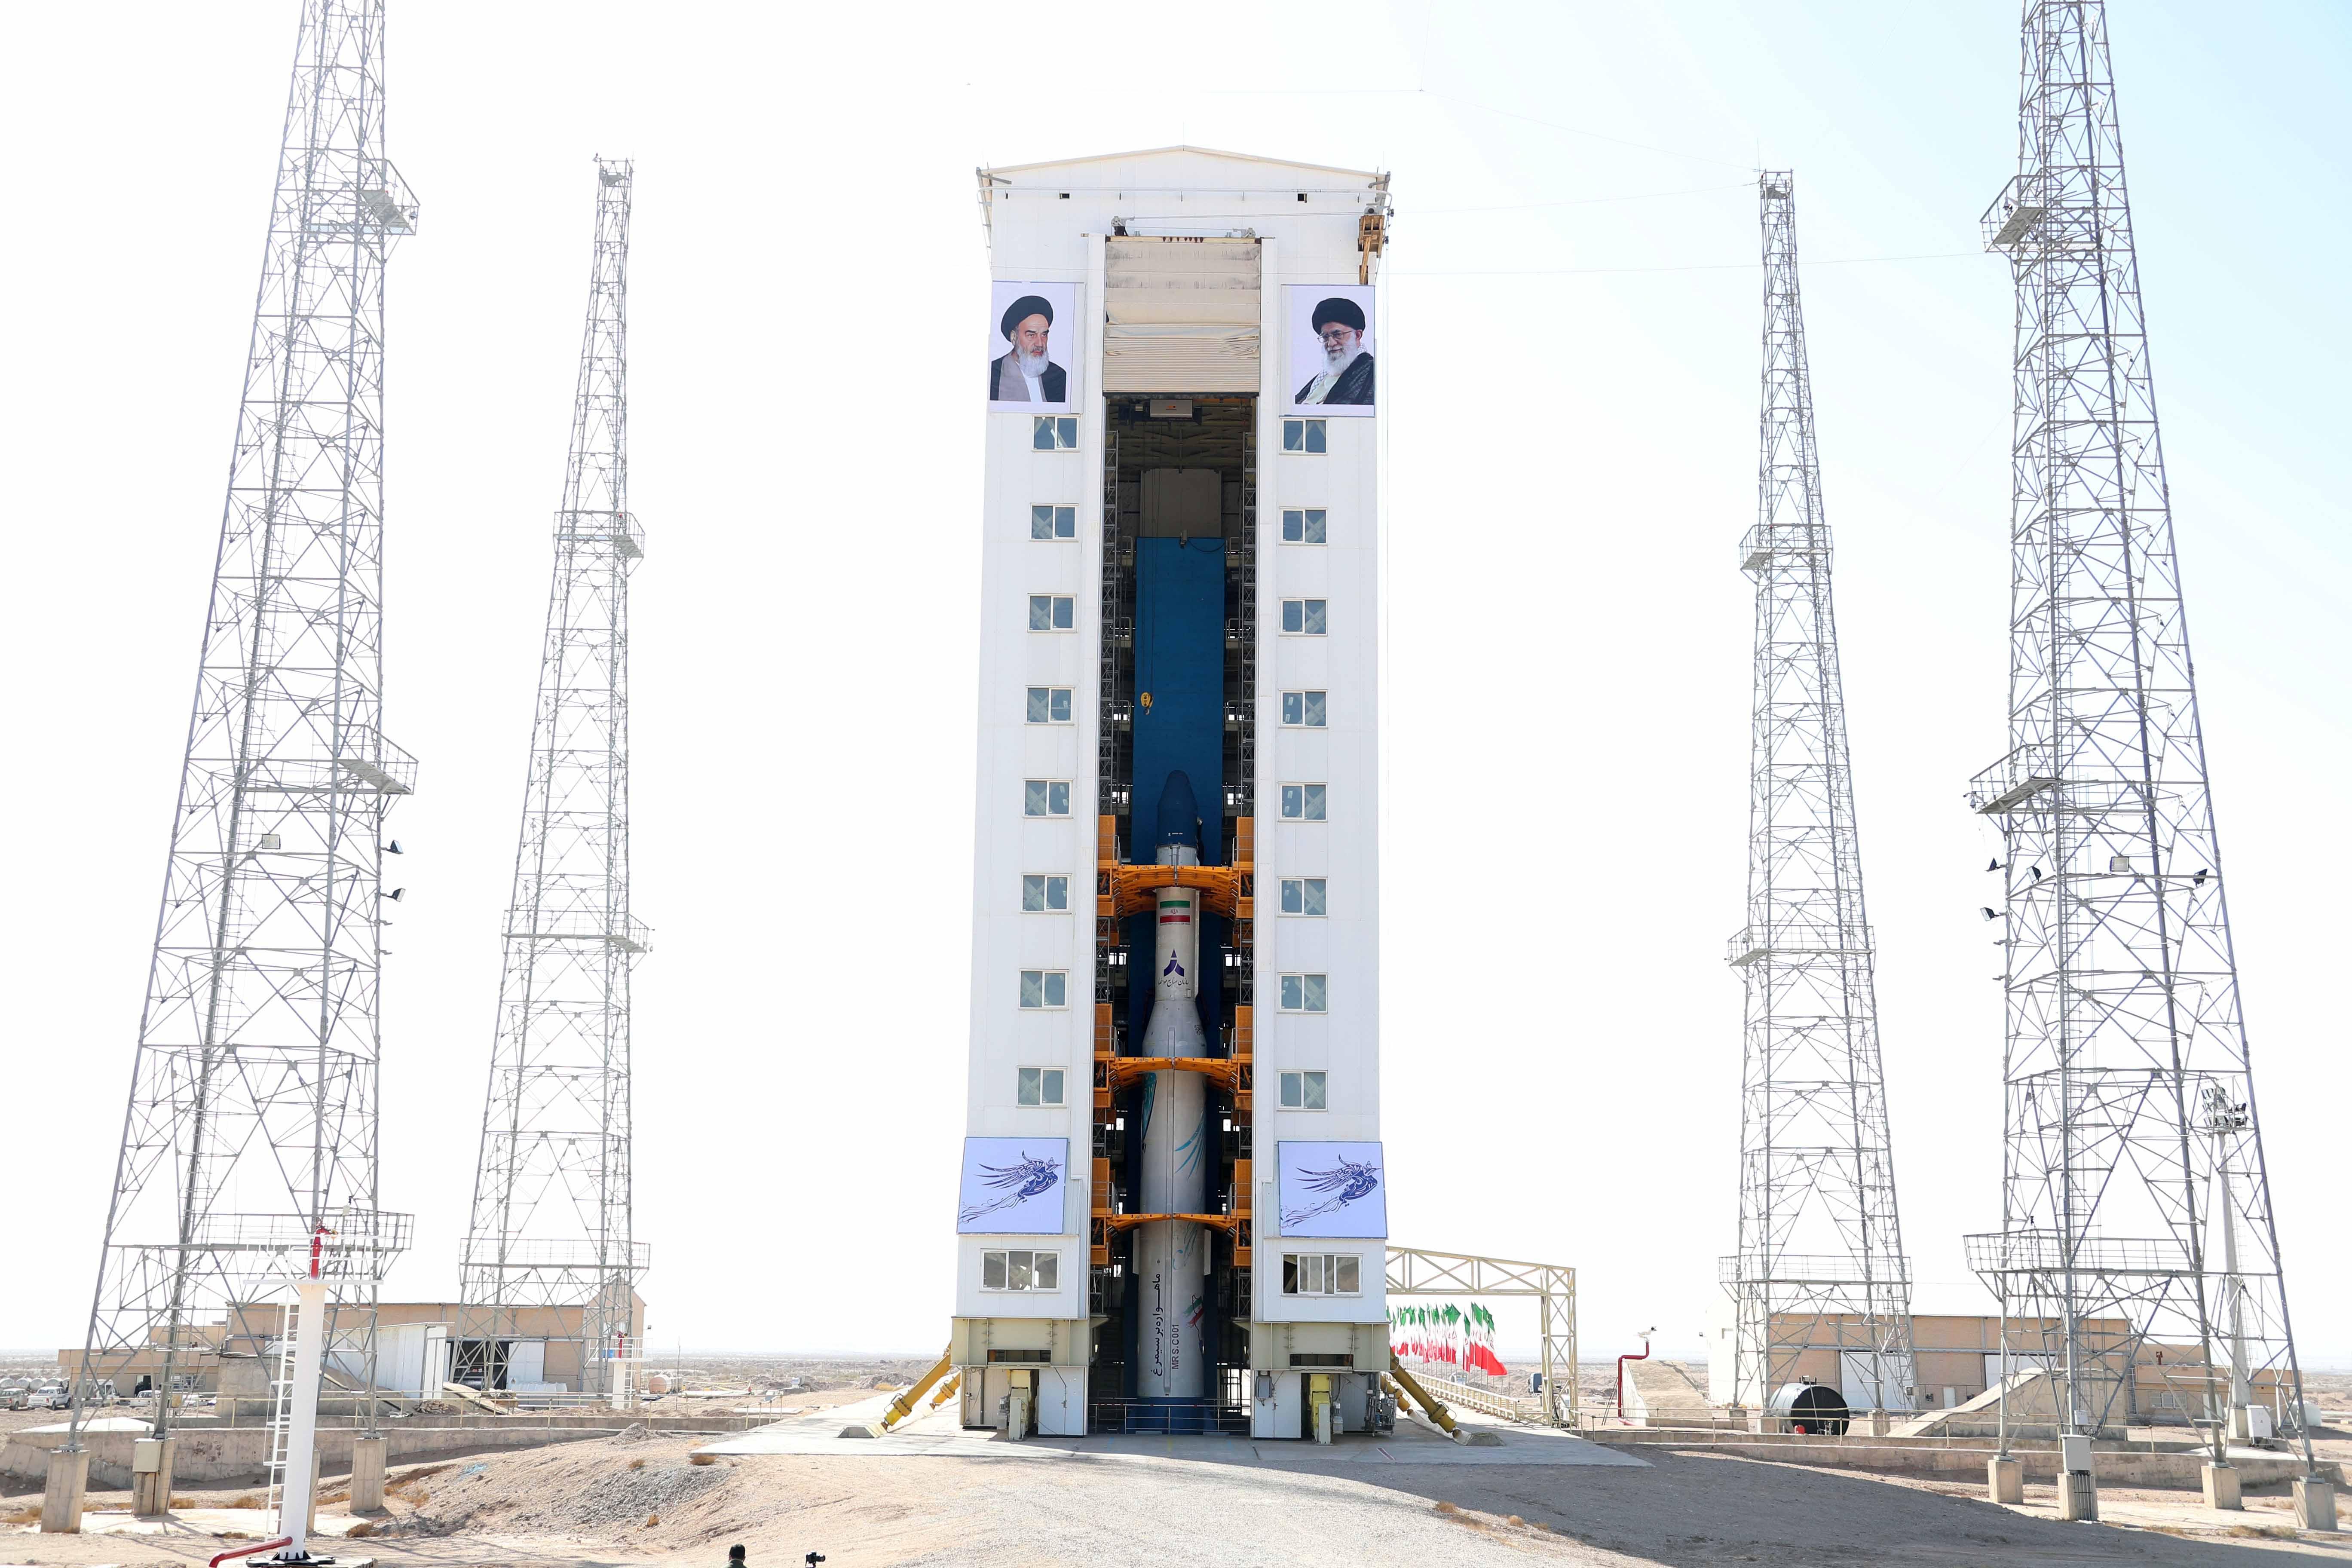 صفر تا صد پرتاب ماهواره ایرانی ظفر ۱/ ایرانی ها در بهار منتظر ماهواره بعدی باشند